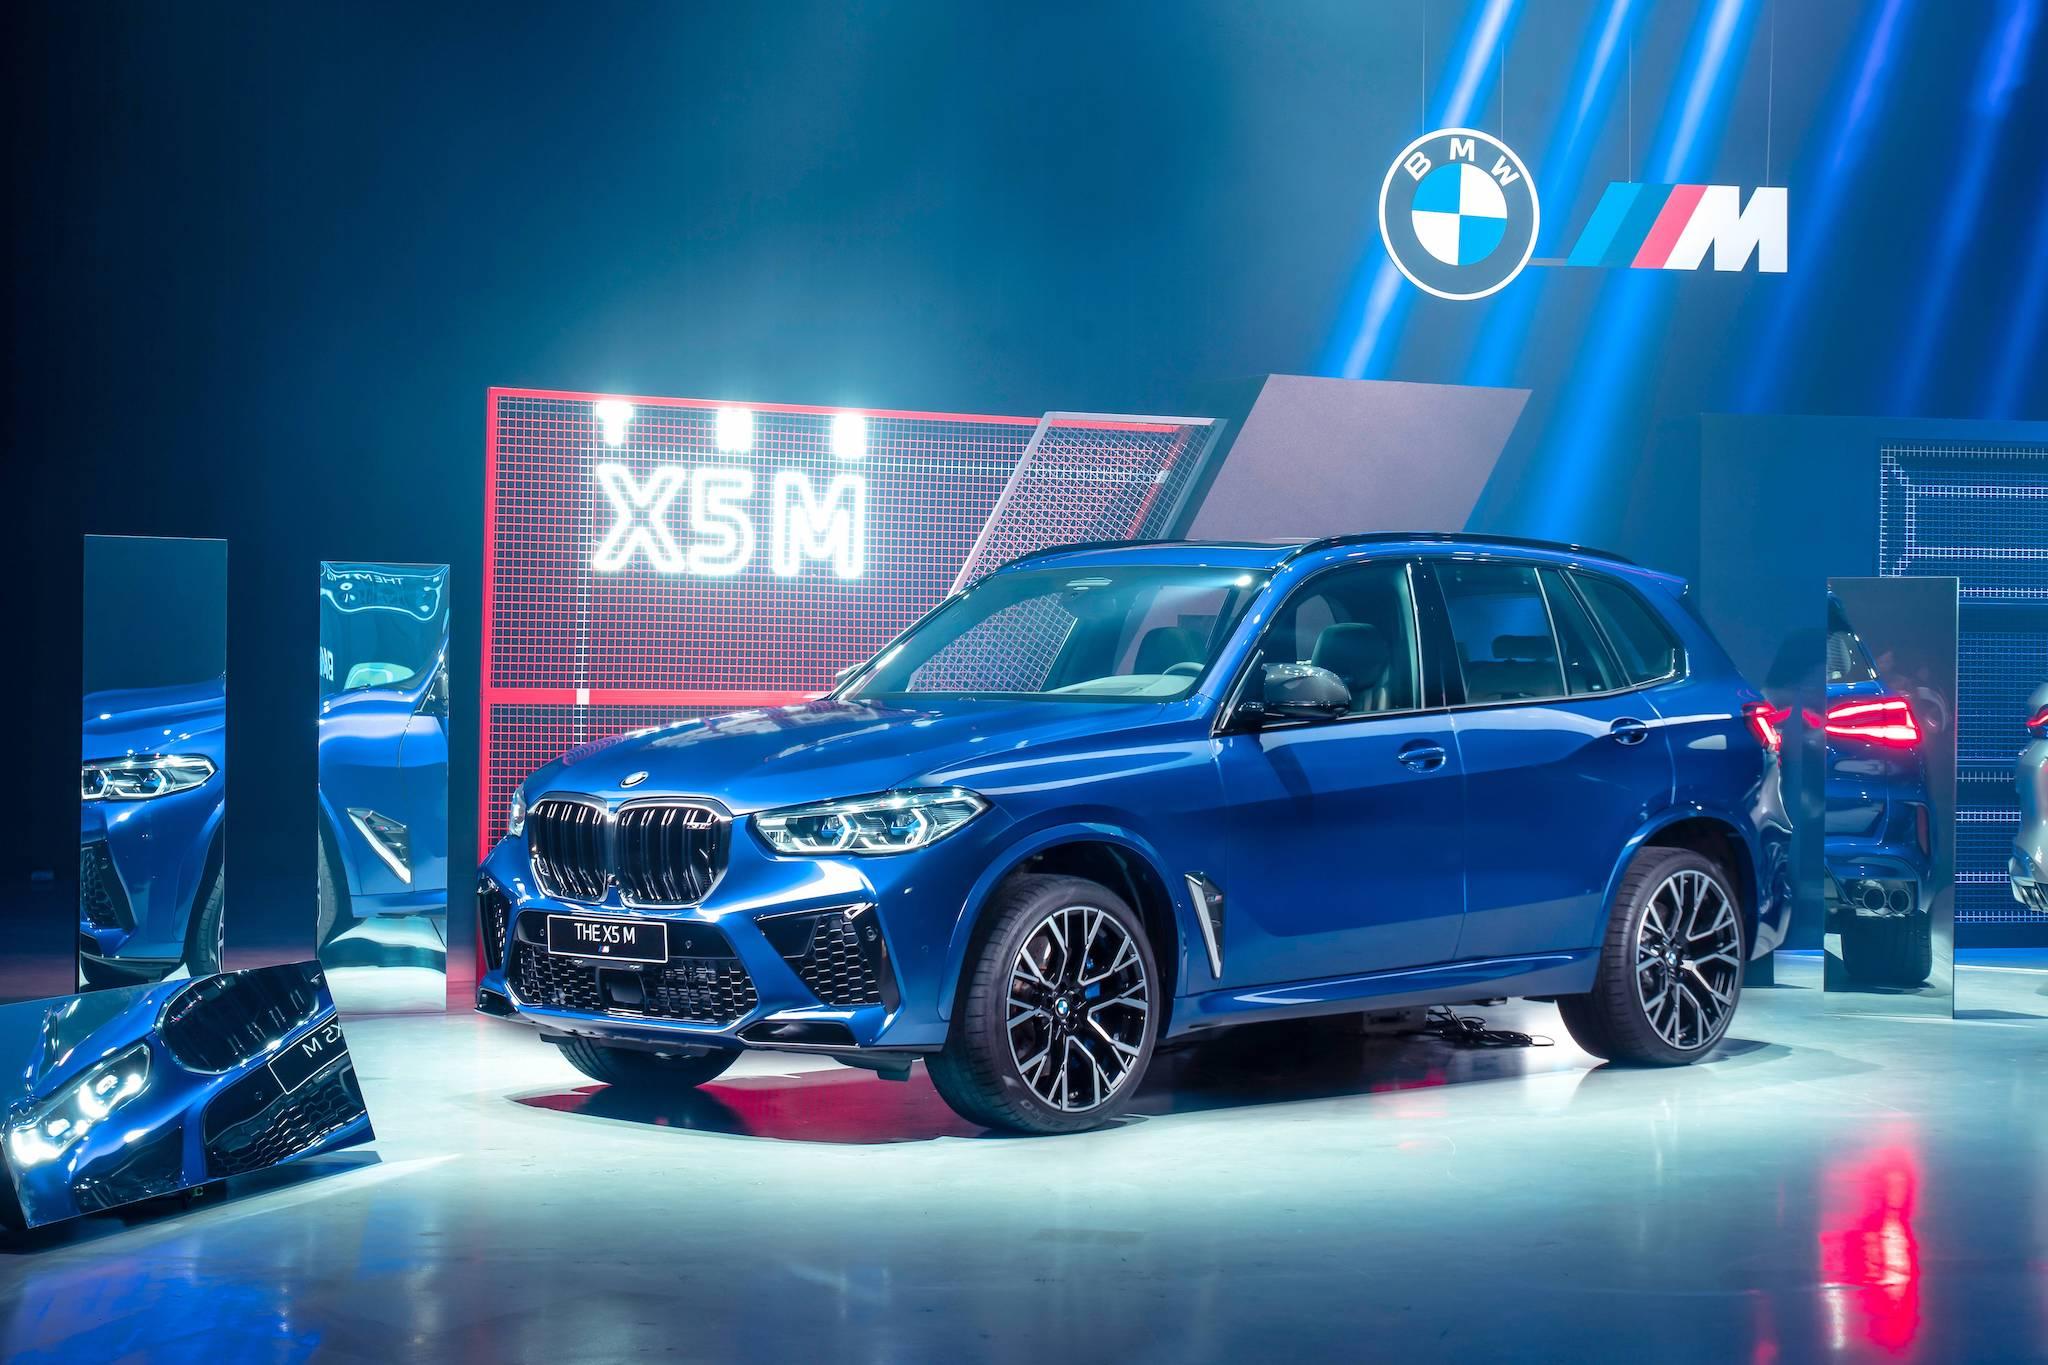 全新 BMW X5 M 馬力達 600 匹大關,688 萬起正式登場